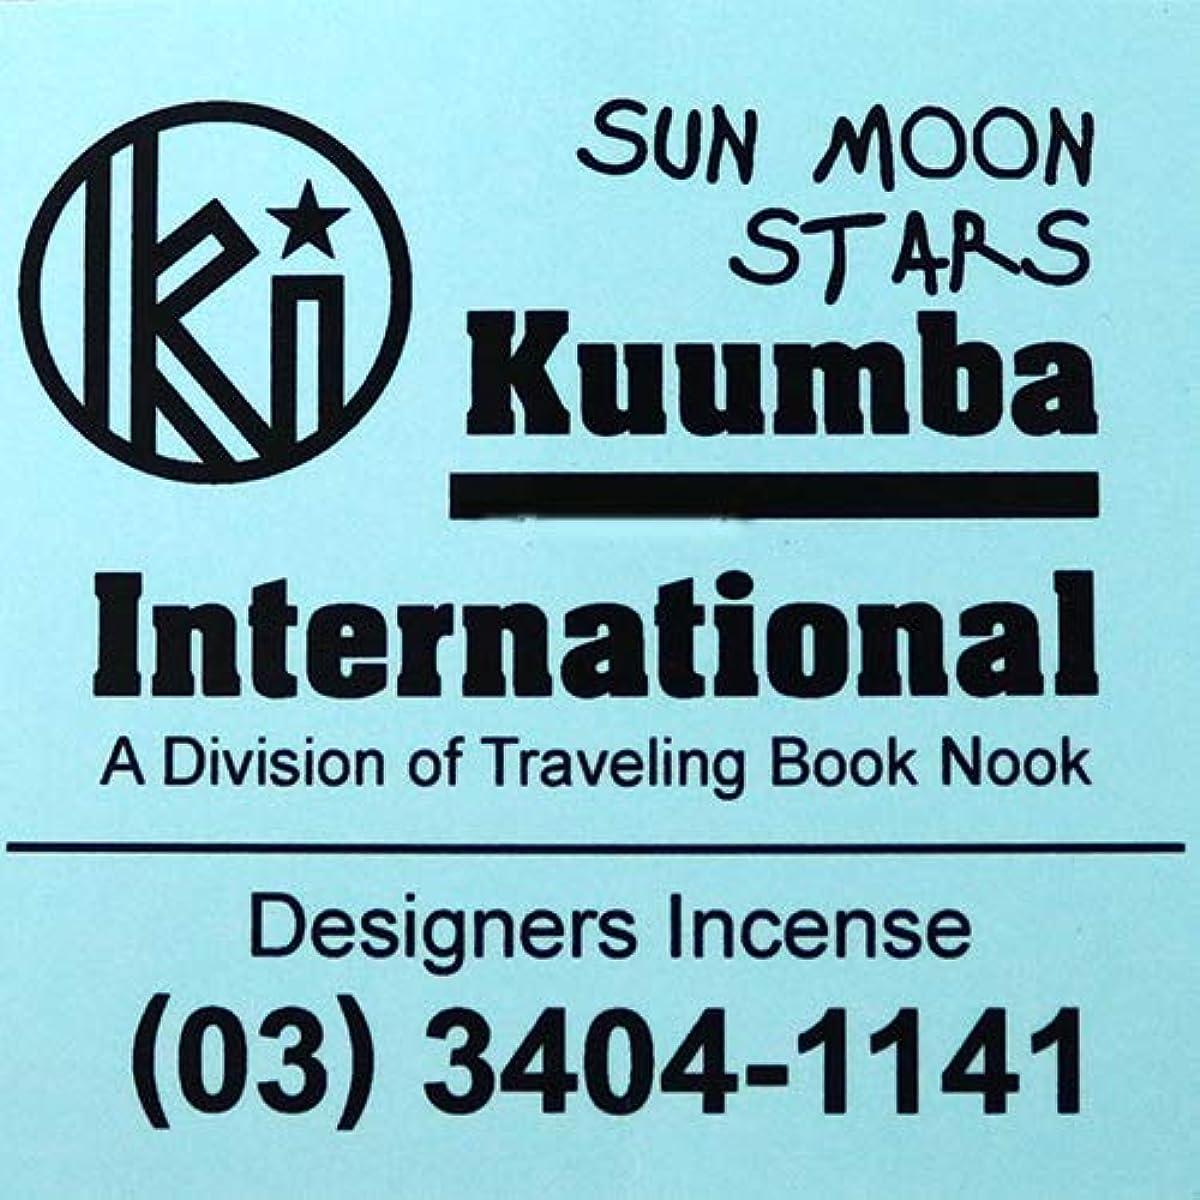 かりて市長魔術師(クンバ) KUUMBA『incense』(SUN MOON STARS) (SUN MOON STARS, Regular size)